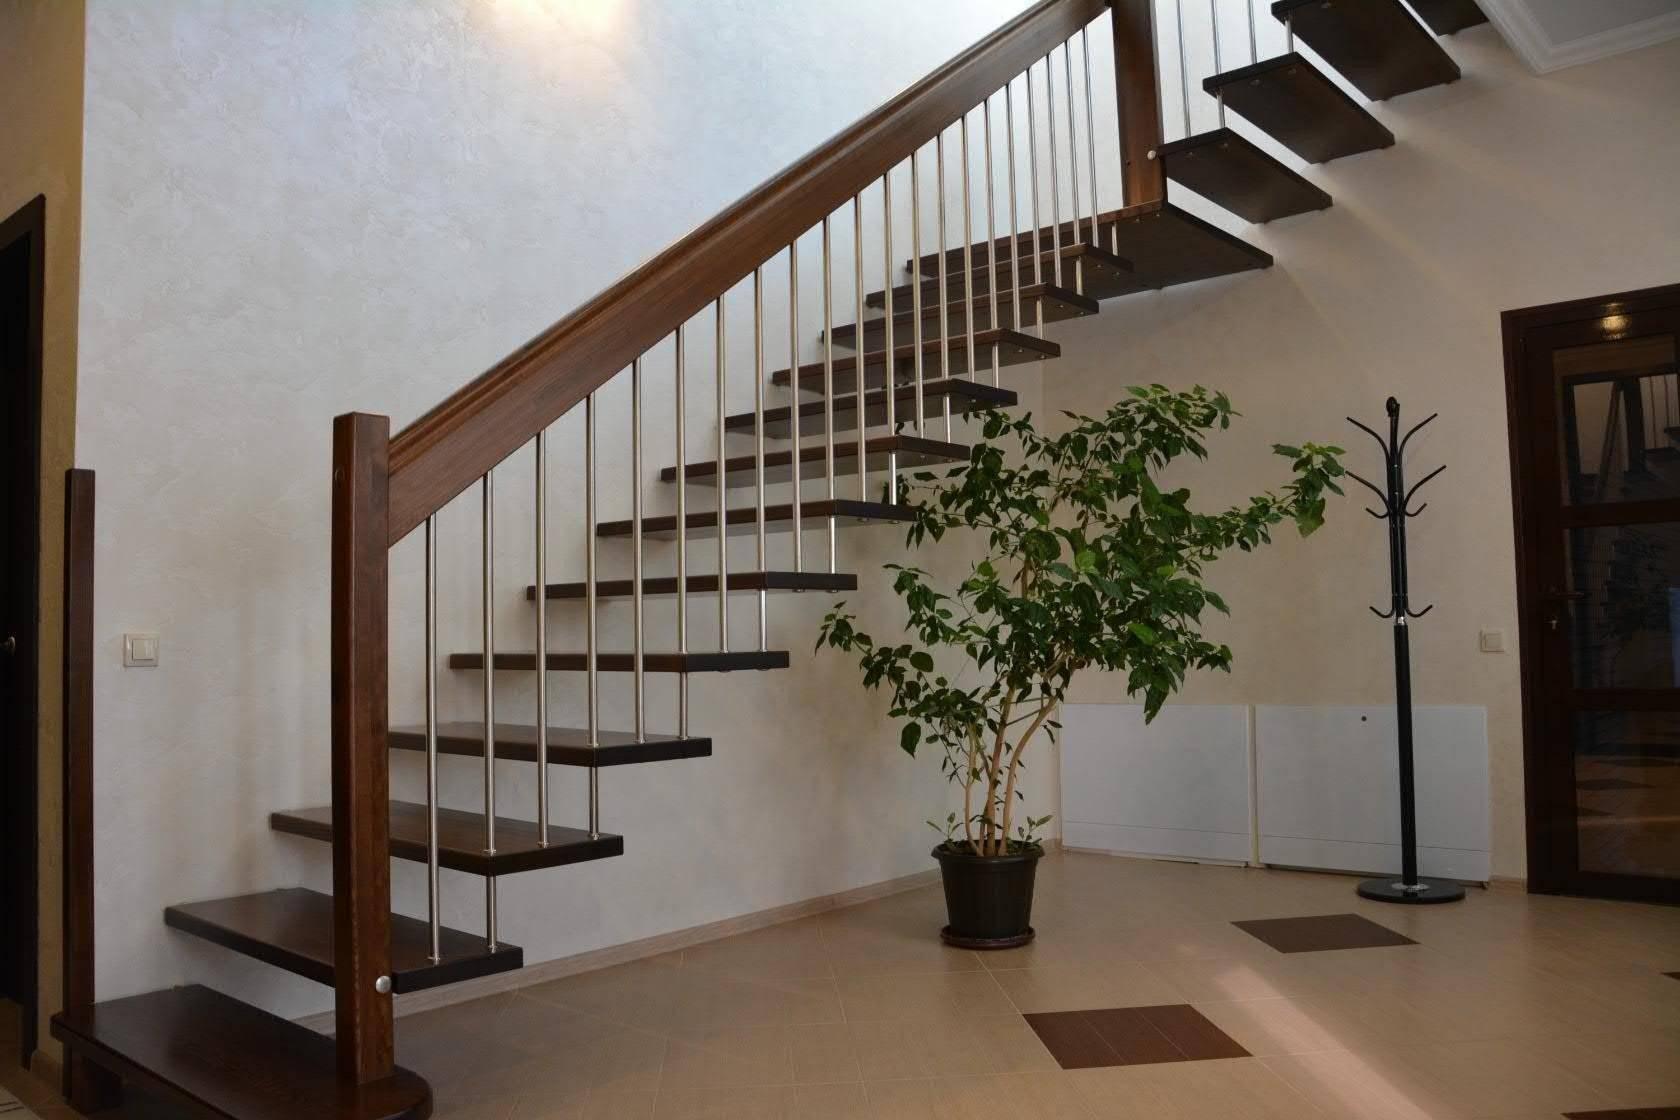 Изготовление деревянных лестниц своими руками на второй этаж